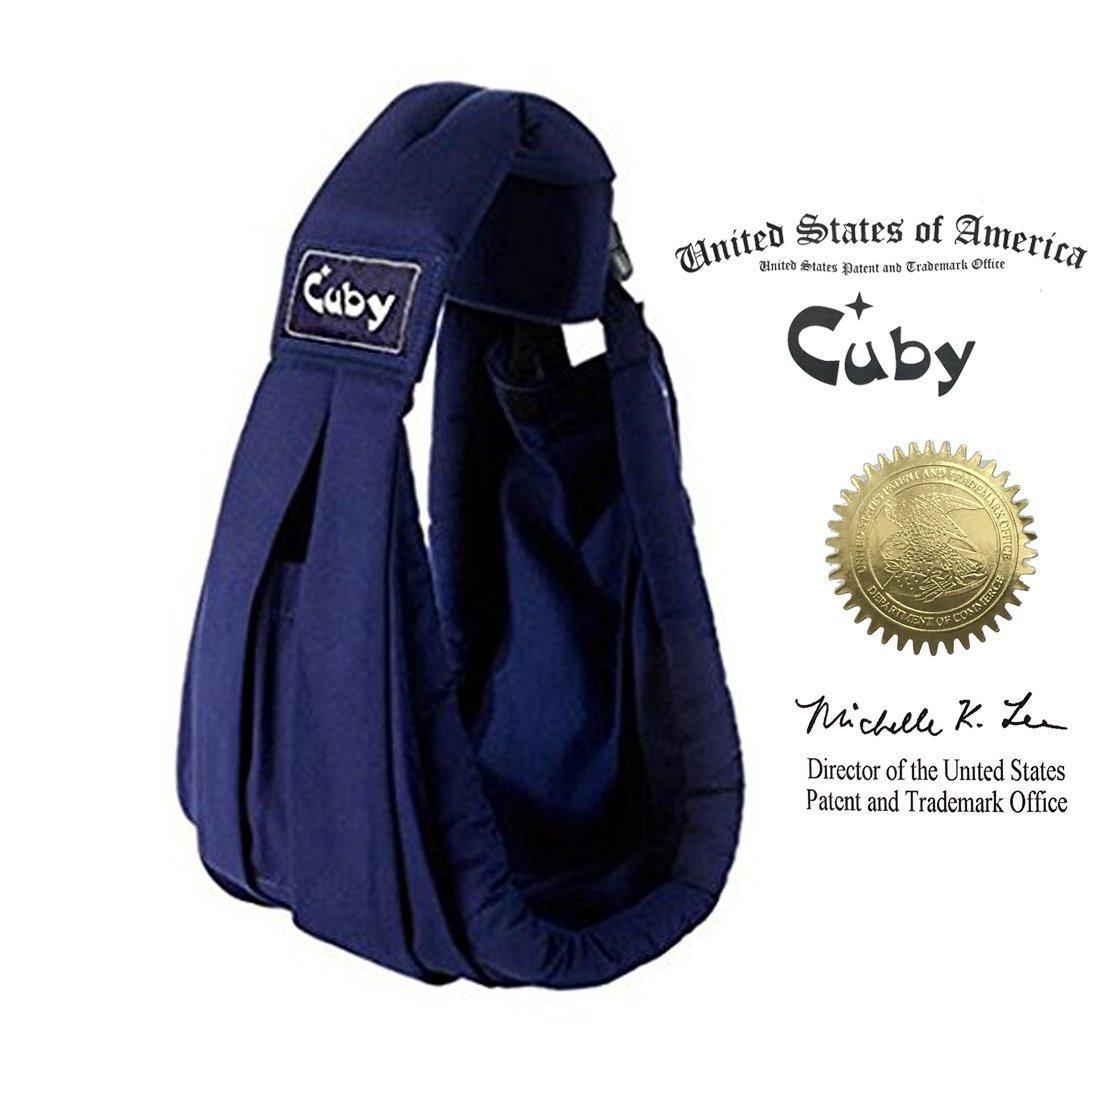 Cuby Porte-bébé Hamac De transport et allaitement Pour nouveau-nés (Blue) Cuby CB034